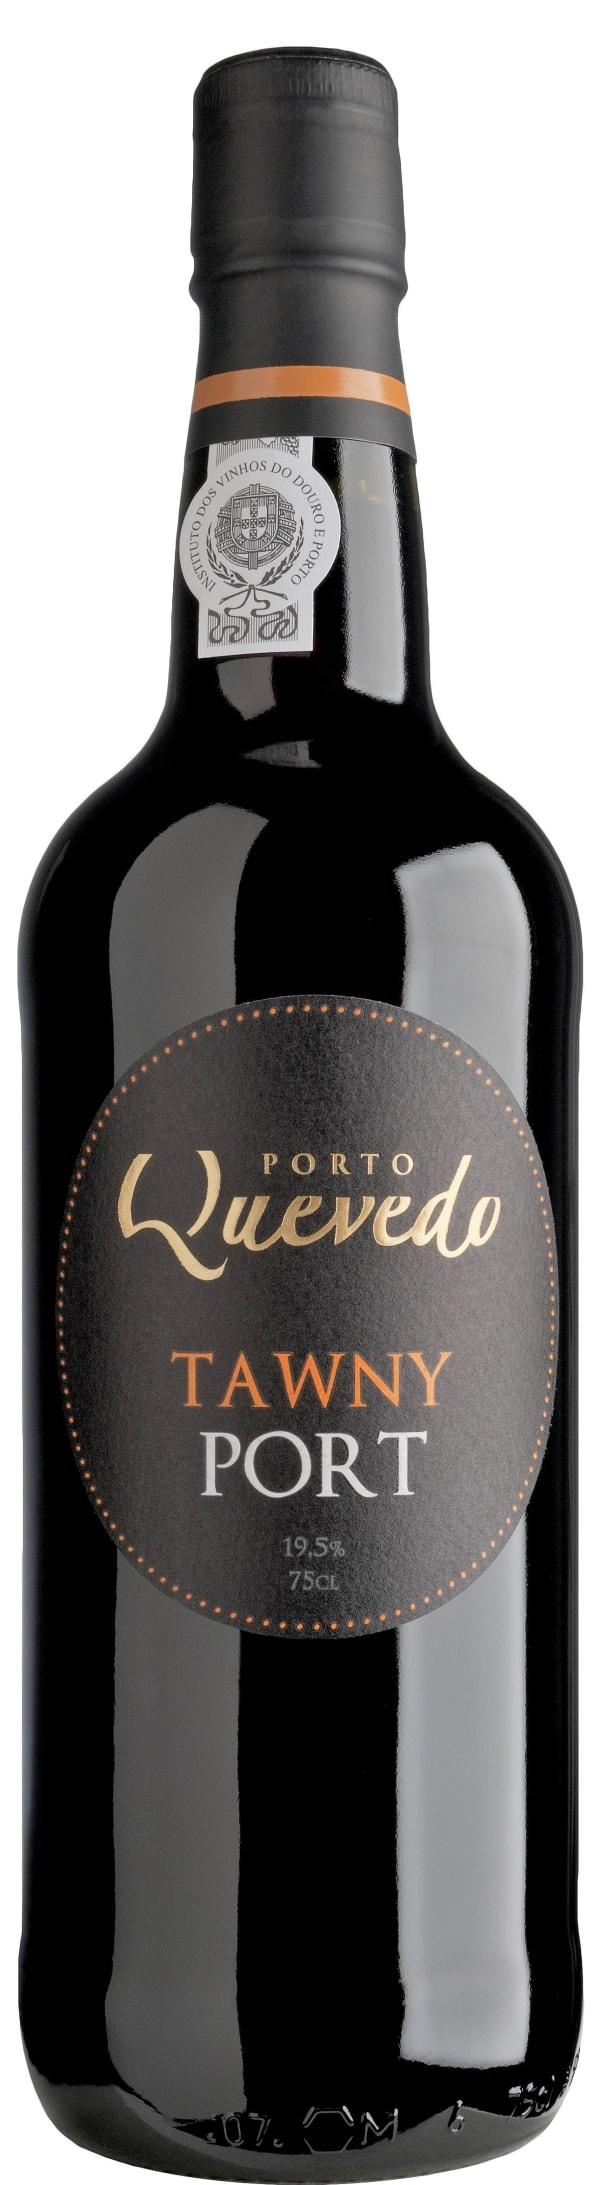 Quevedo Tawny Port